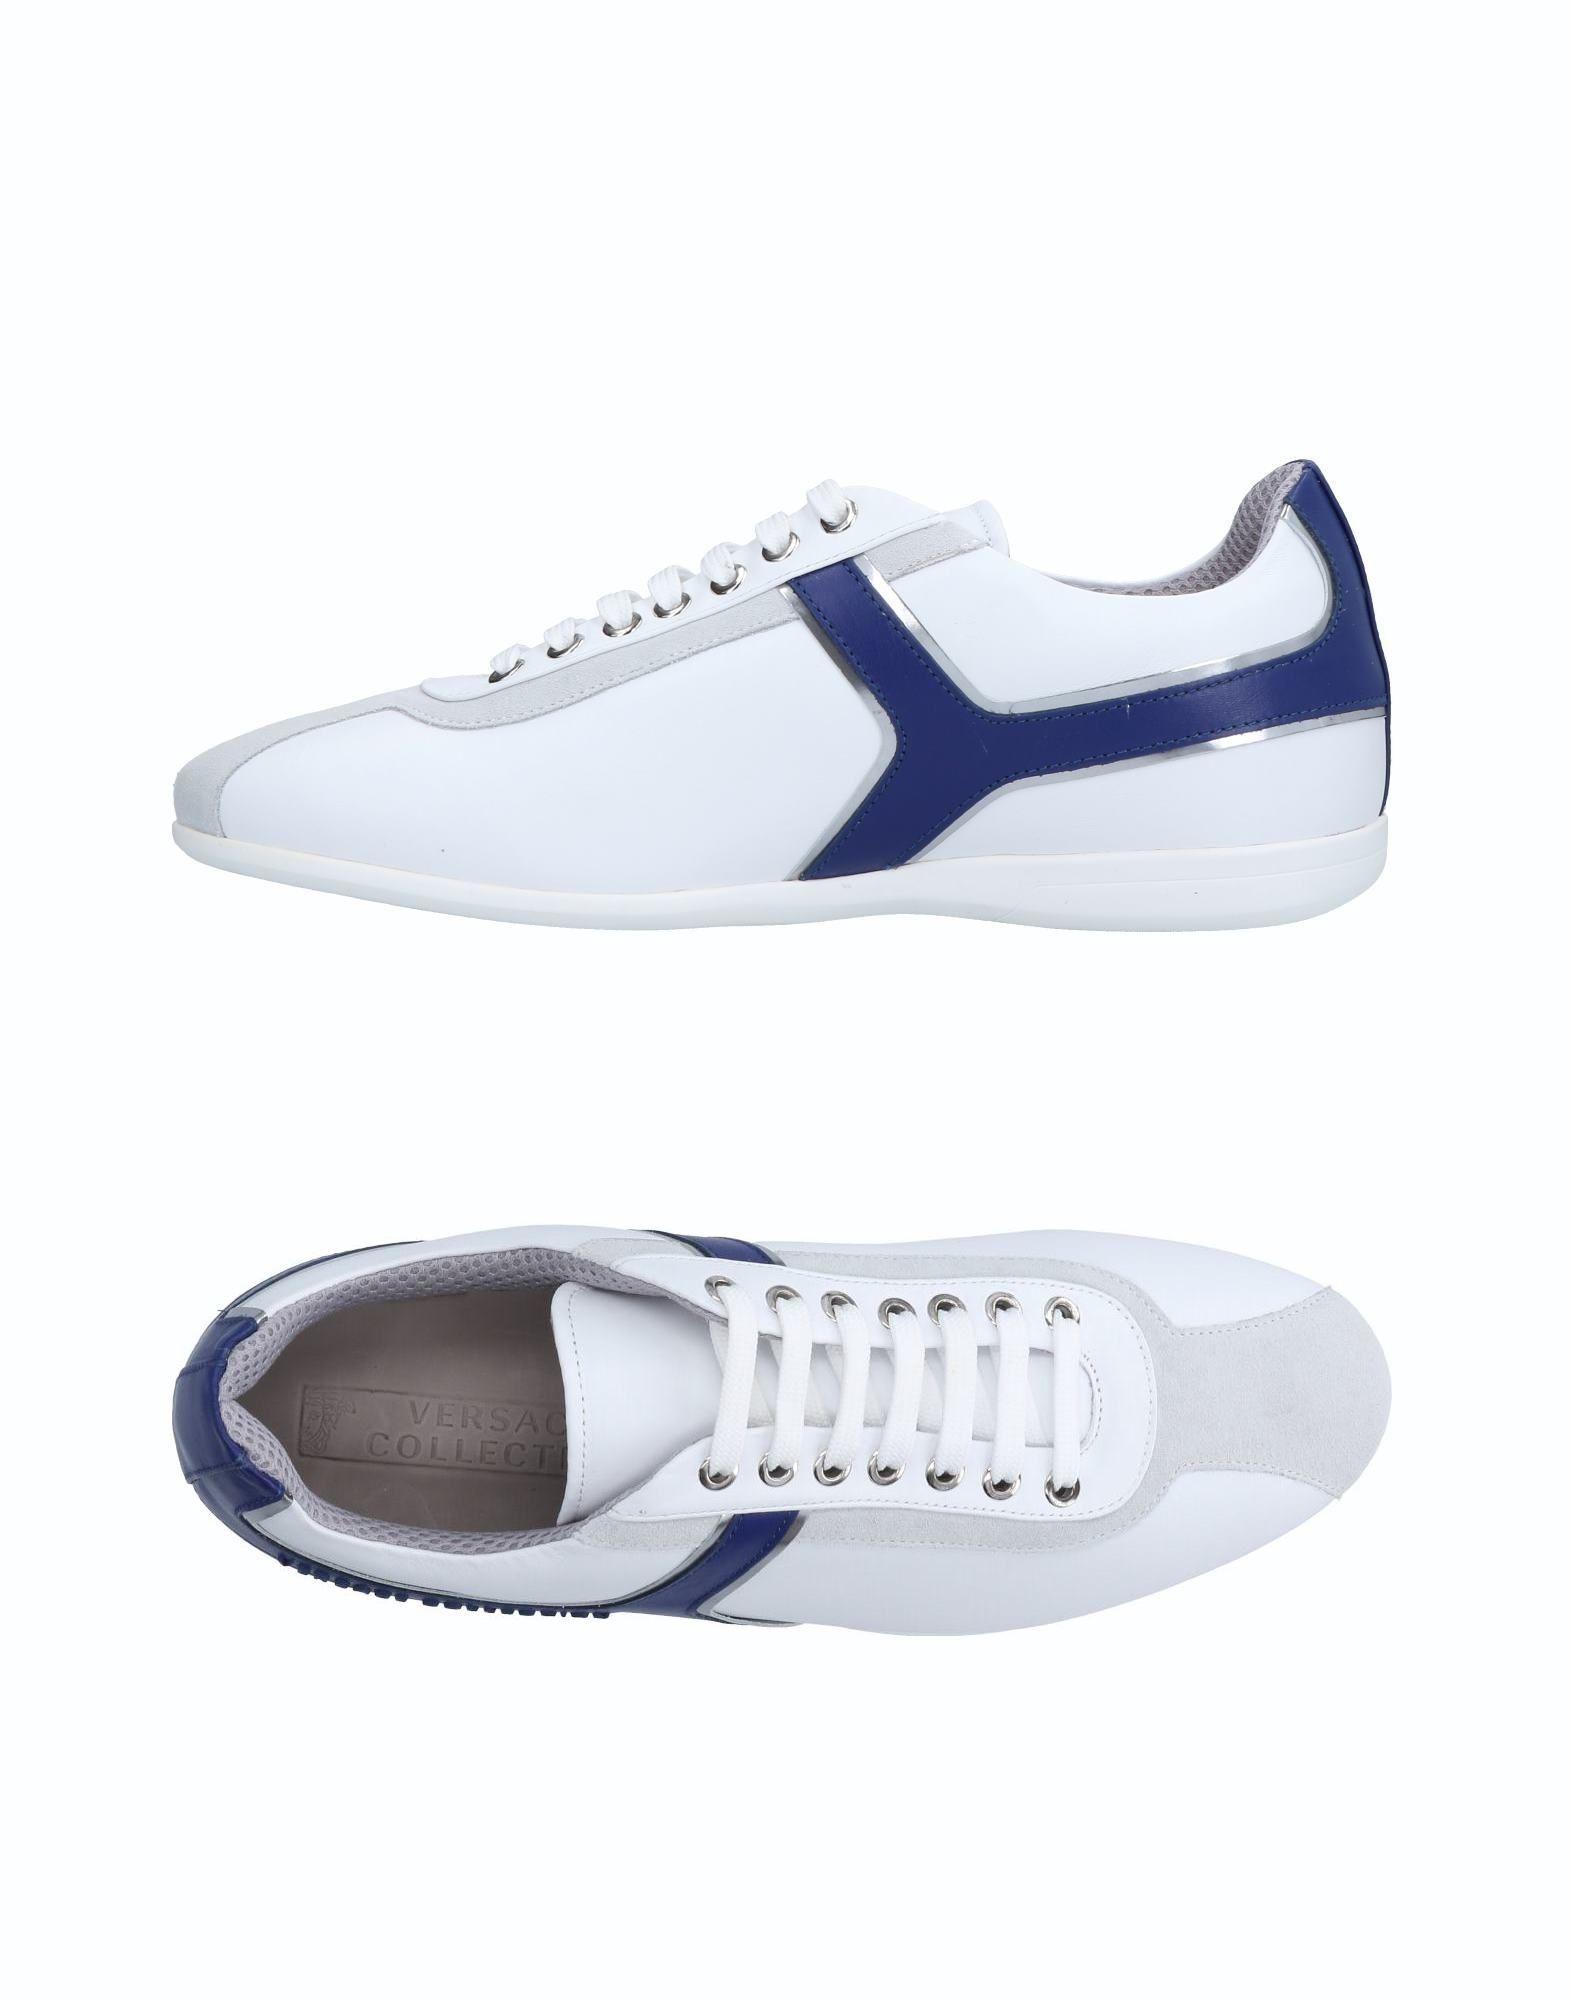 Versace Collection Sneakers Herren  11505617JL Gute Qualität beliebte Schuhe